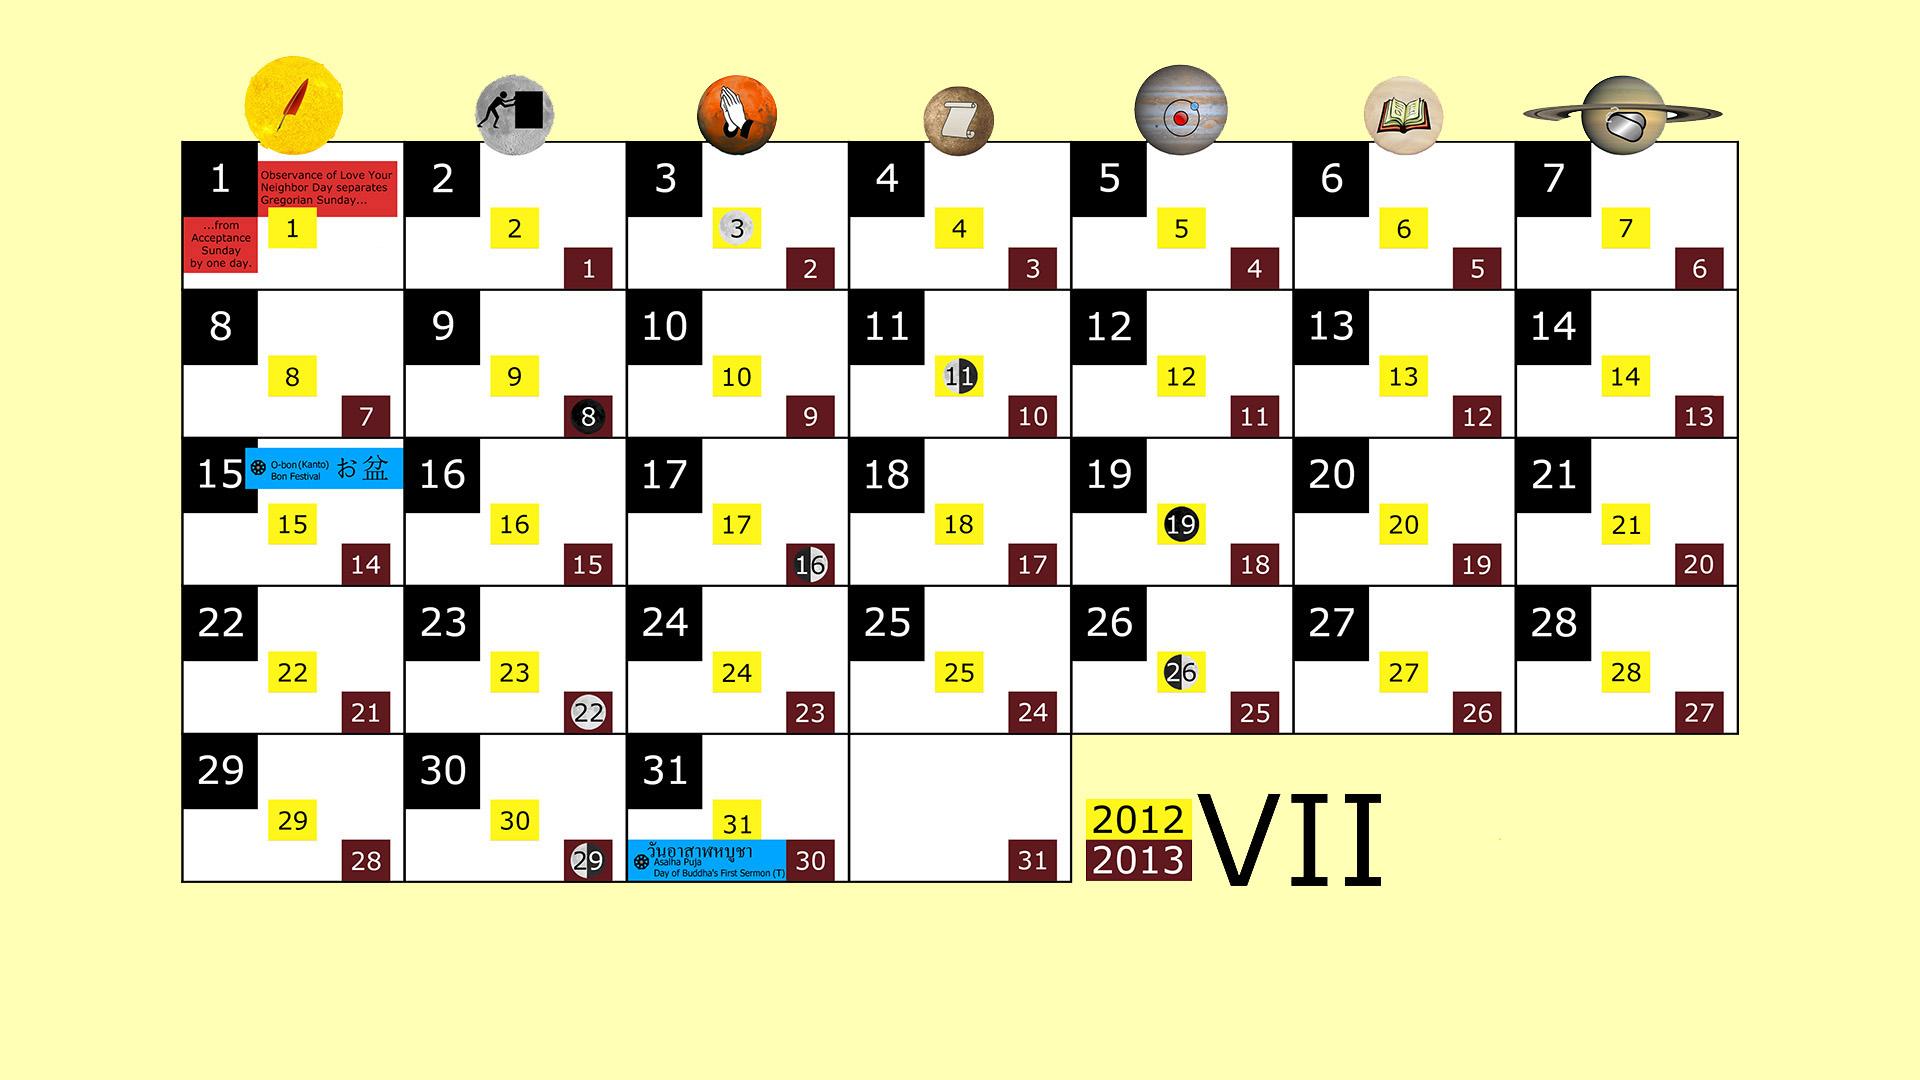 Miesięczny kalendarz świąt na lipiec 2012 and 2013 na żółtym tle